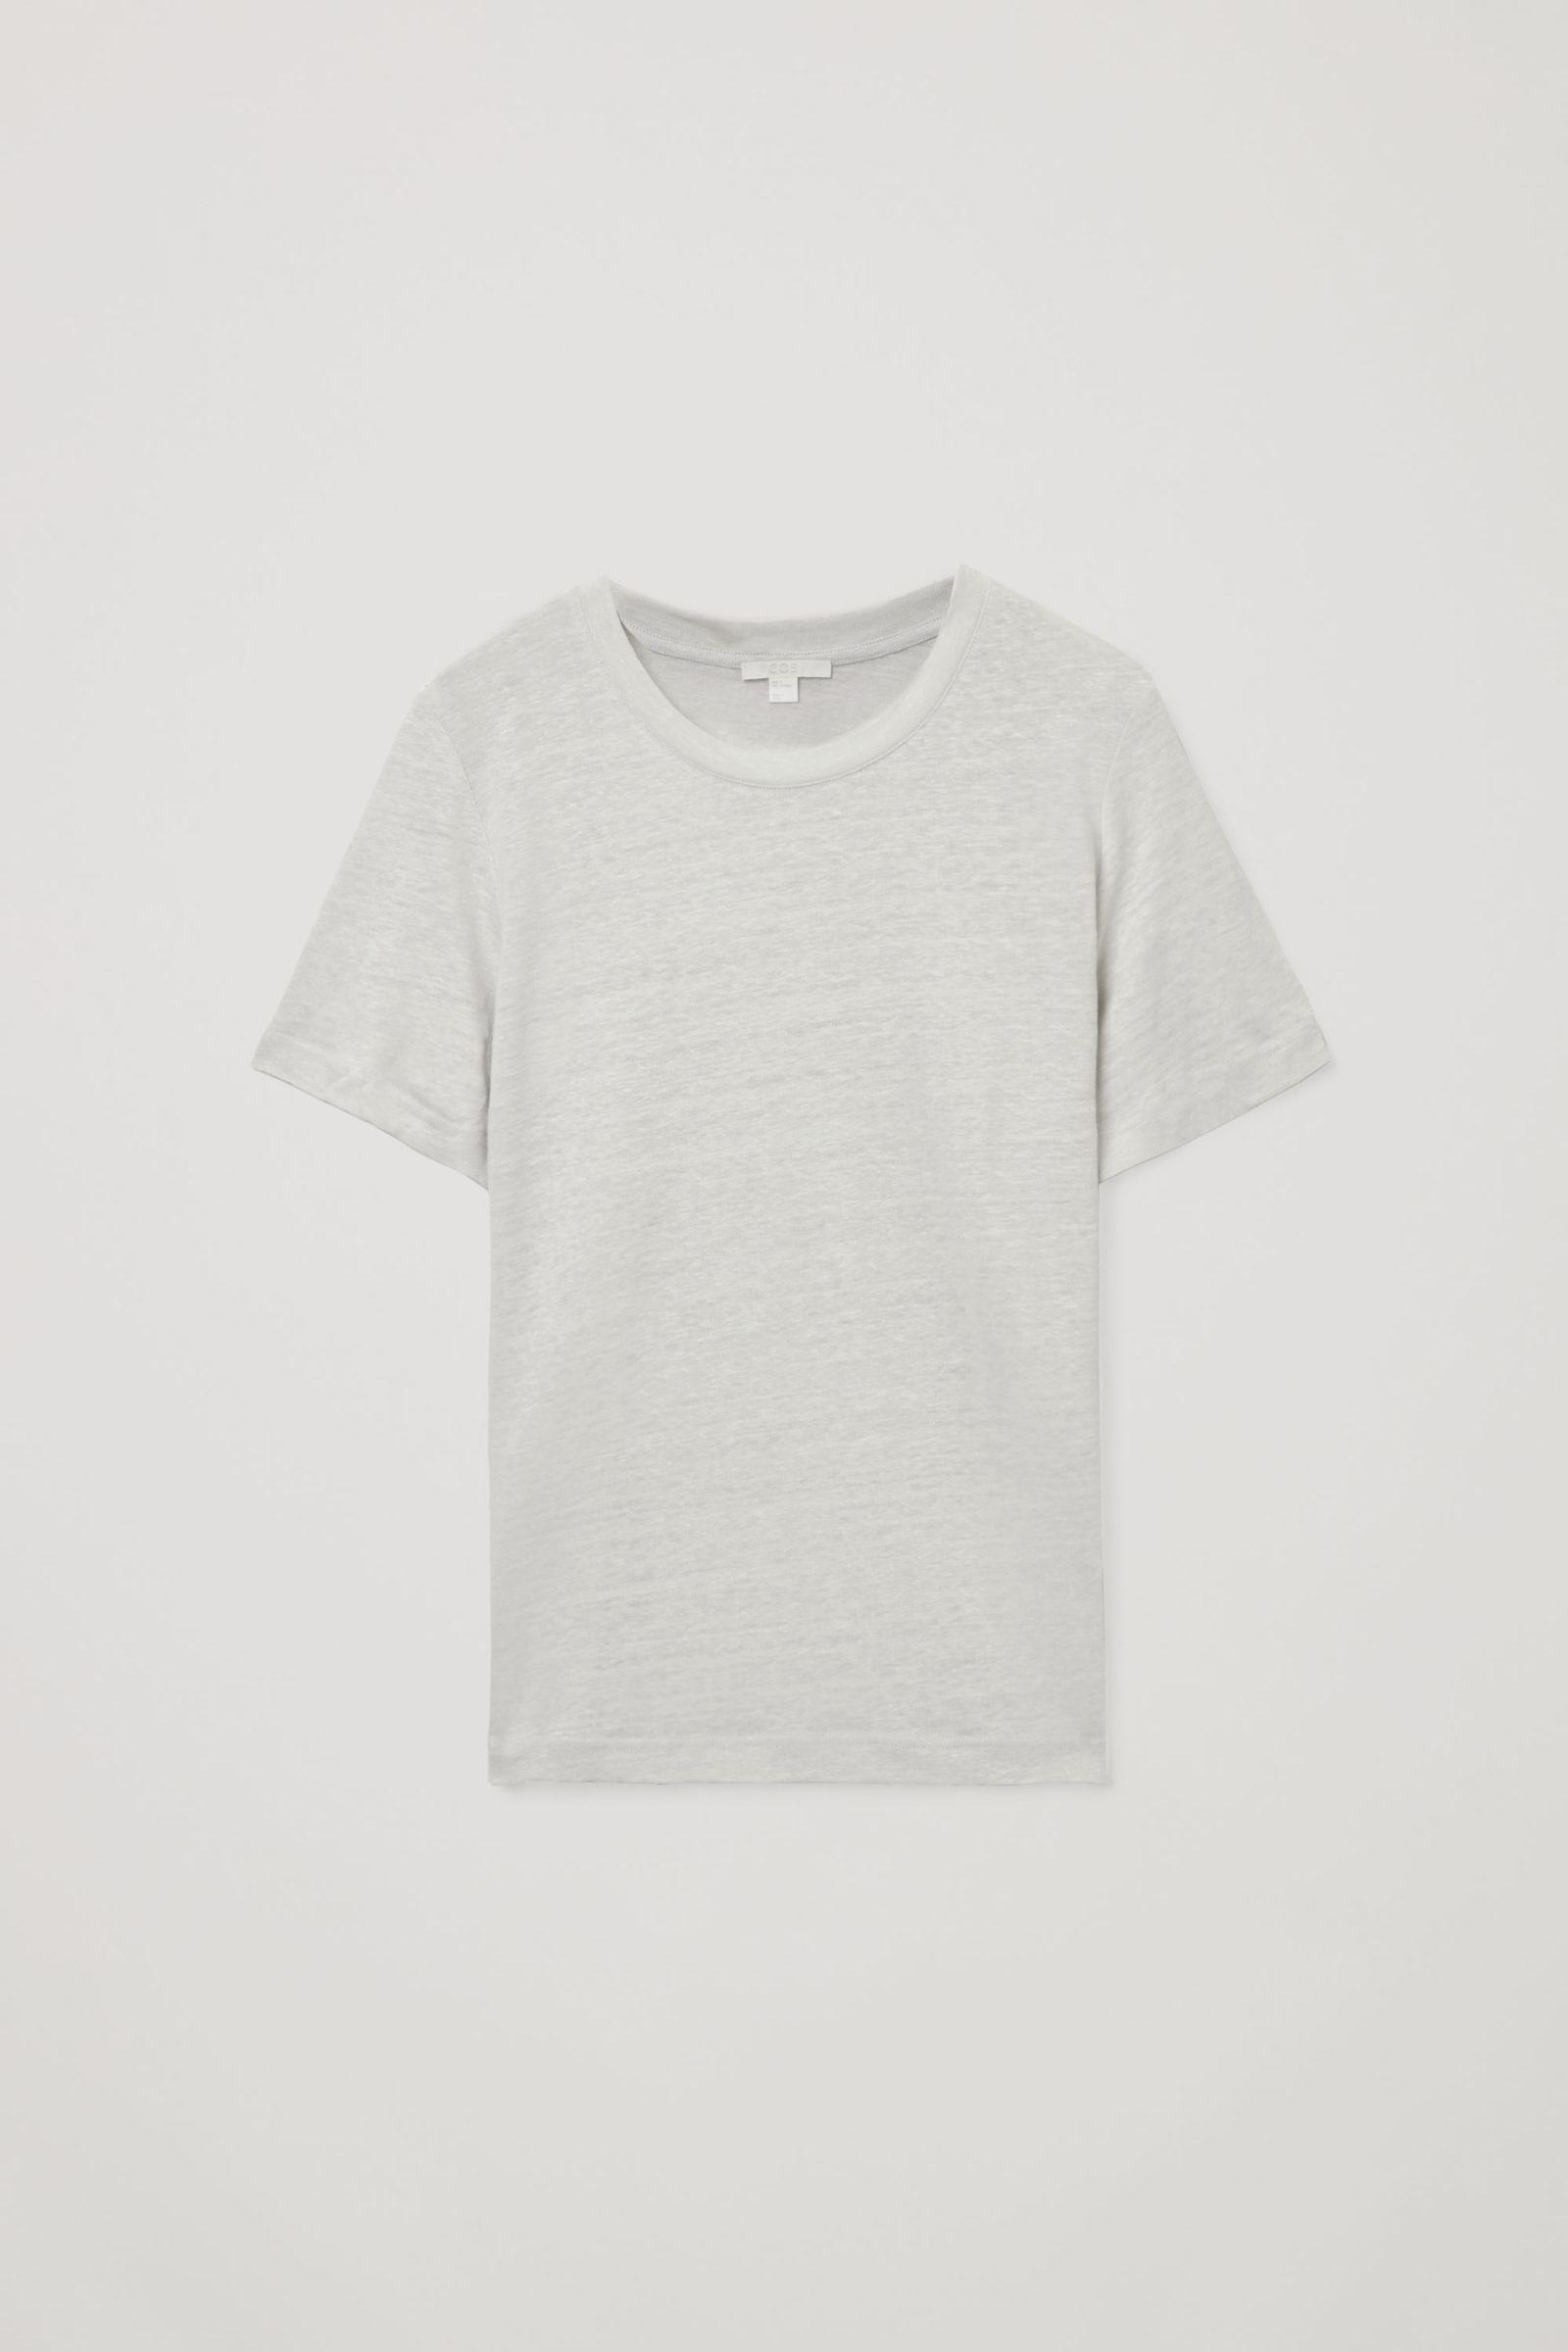 COS 리넨 티셔츠의 브라운컬러 Product입니다.